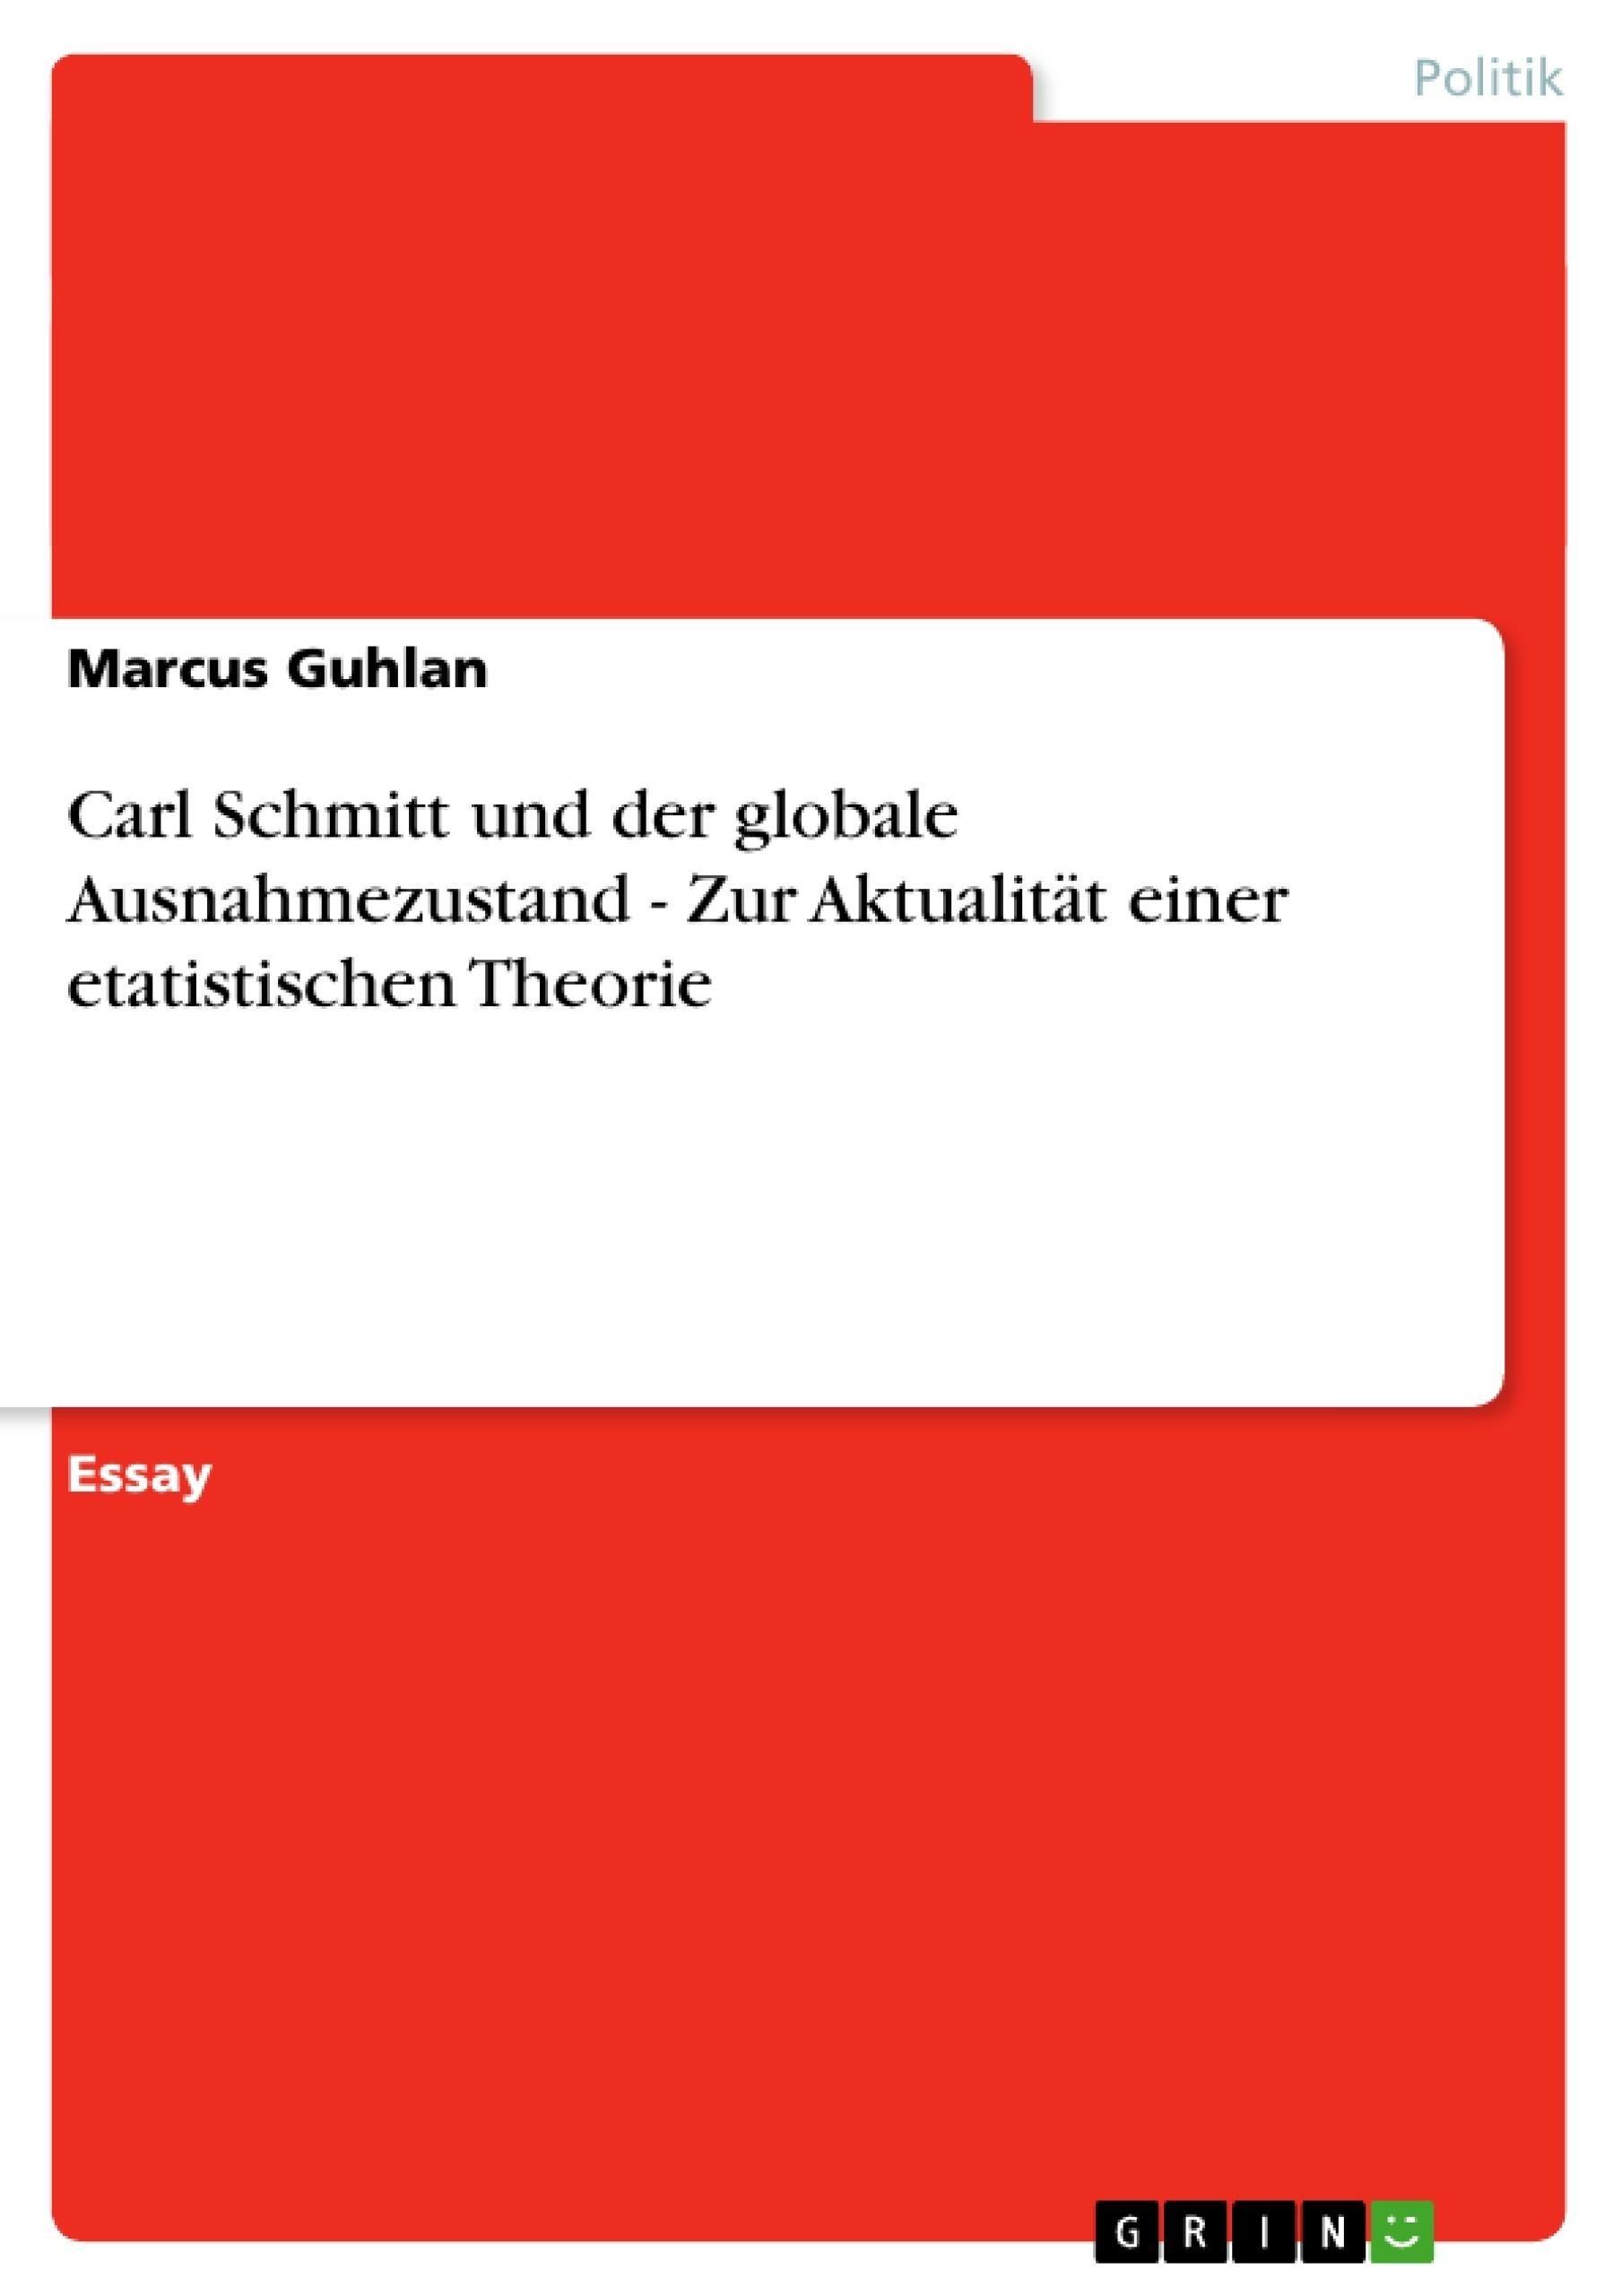 Titel: Carl Schmitt und der globale Ausnahmezustand - Zur Aktualität einer etatistischen Theorie